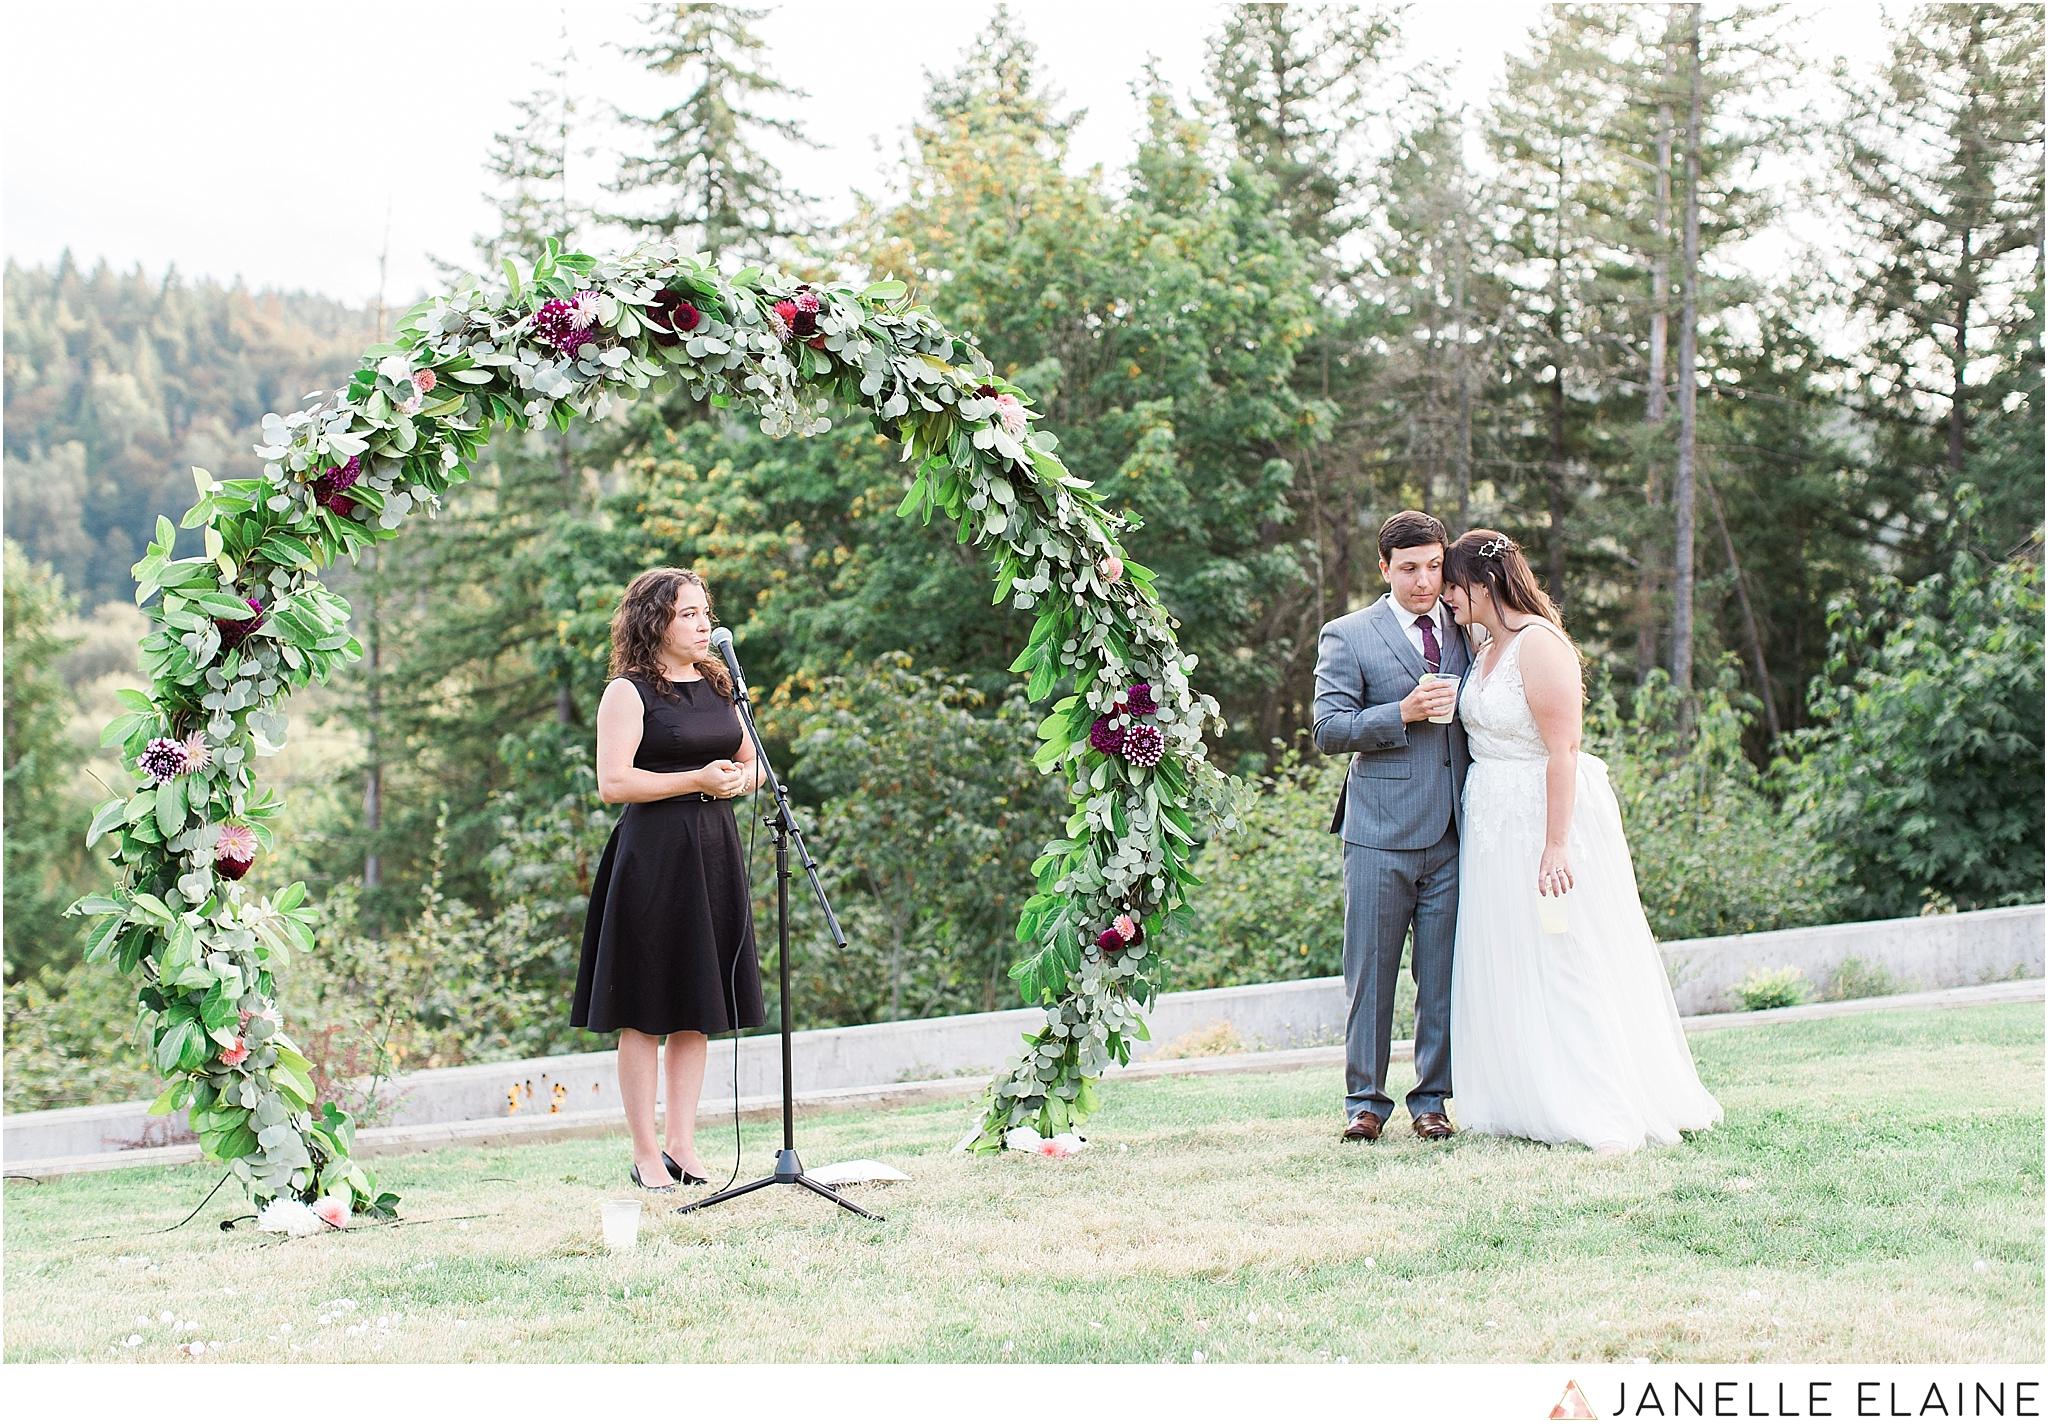 seattle-portrait-engagement-wedding-photographer-janelle-elaine-photography-81.jpg